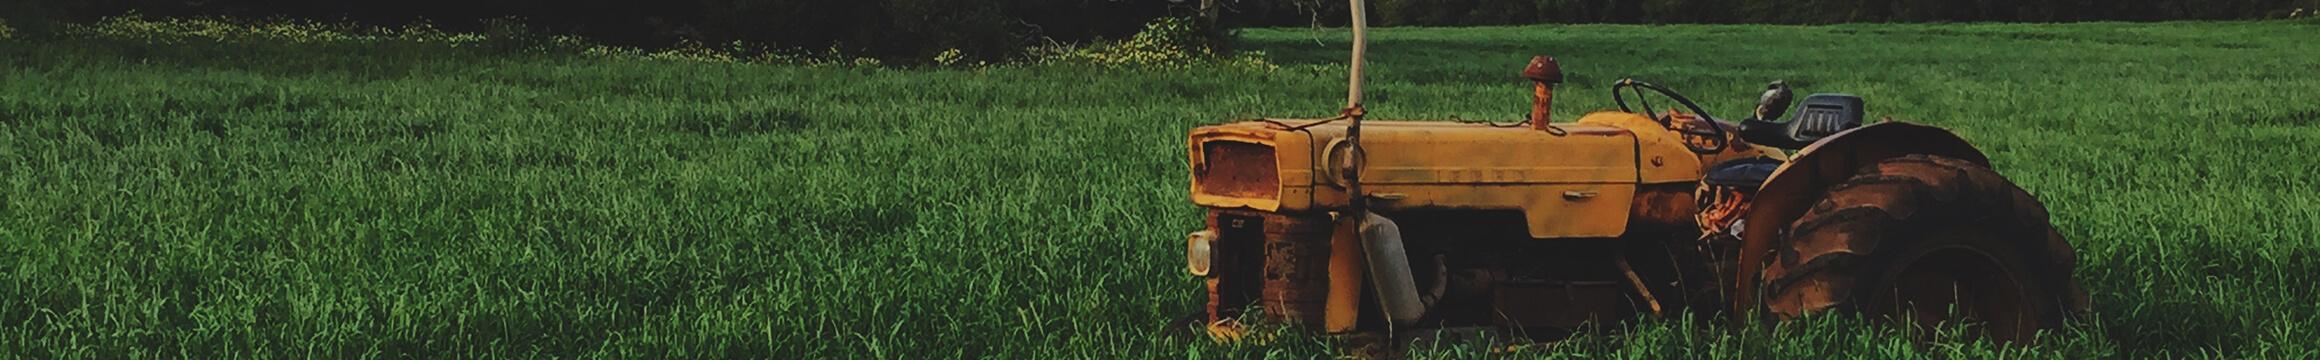 Farming Rural 12